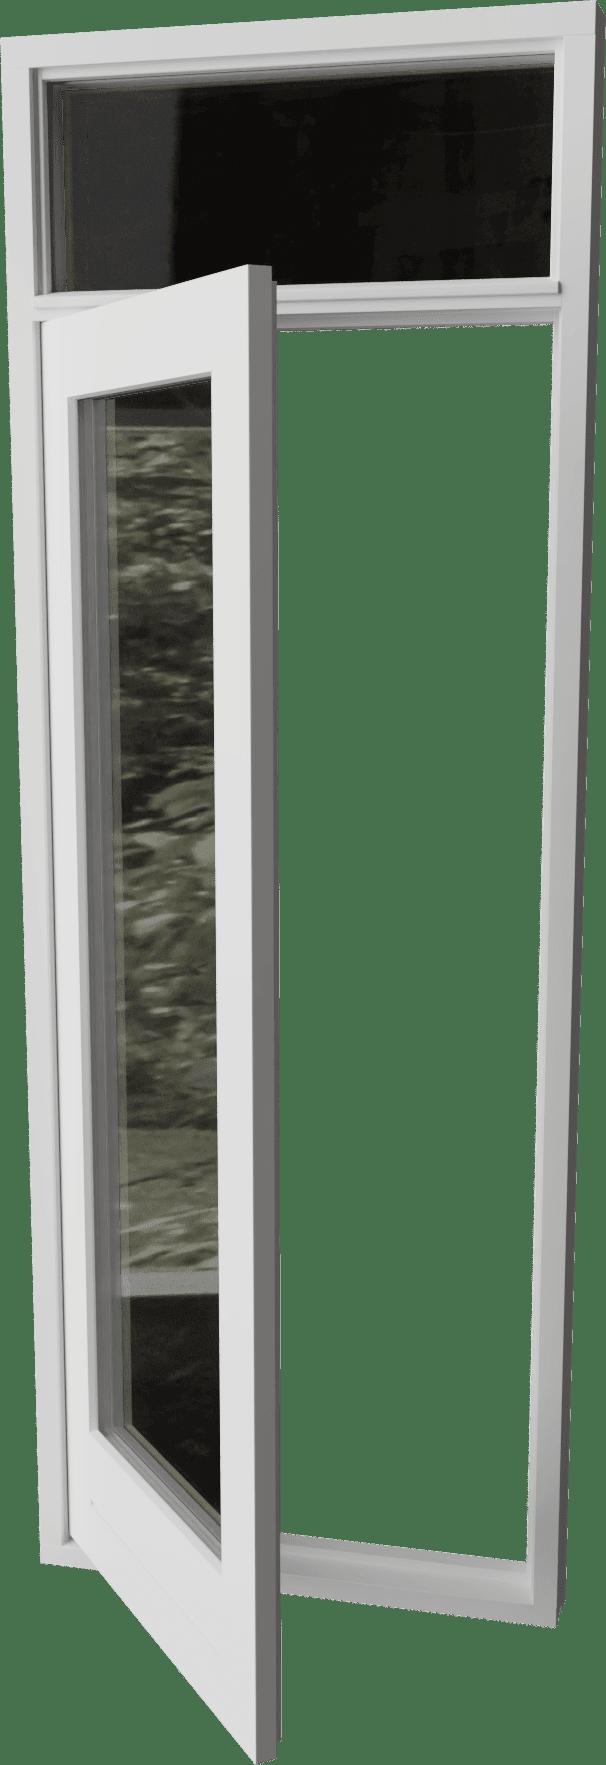 Buitendraaiende deur met bovenlicht